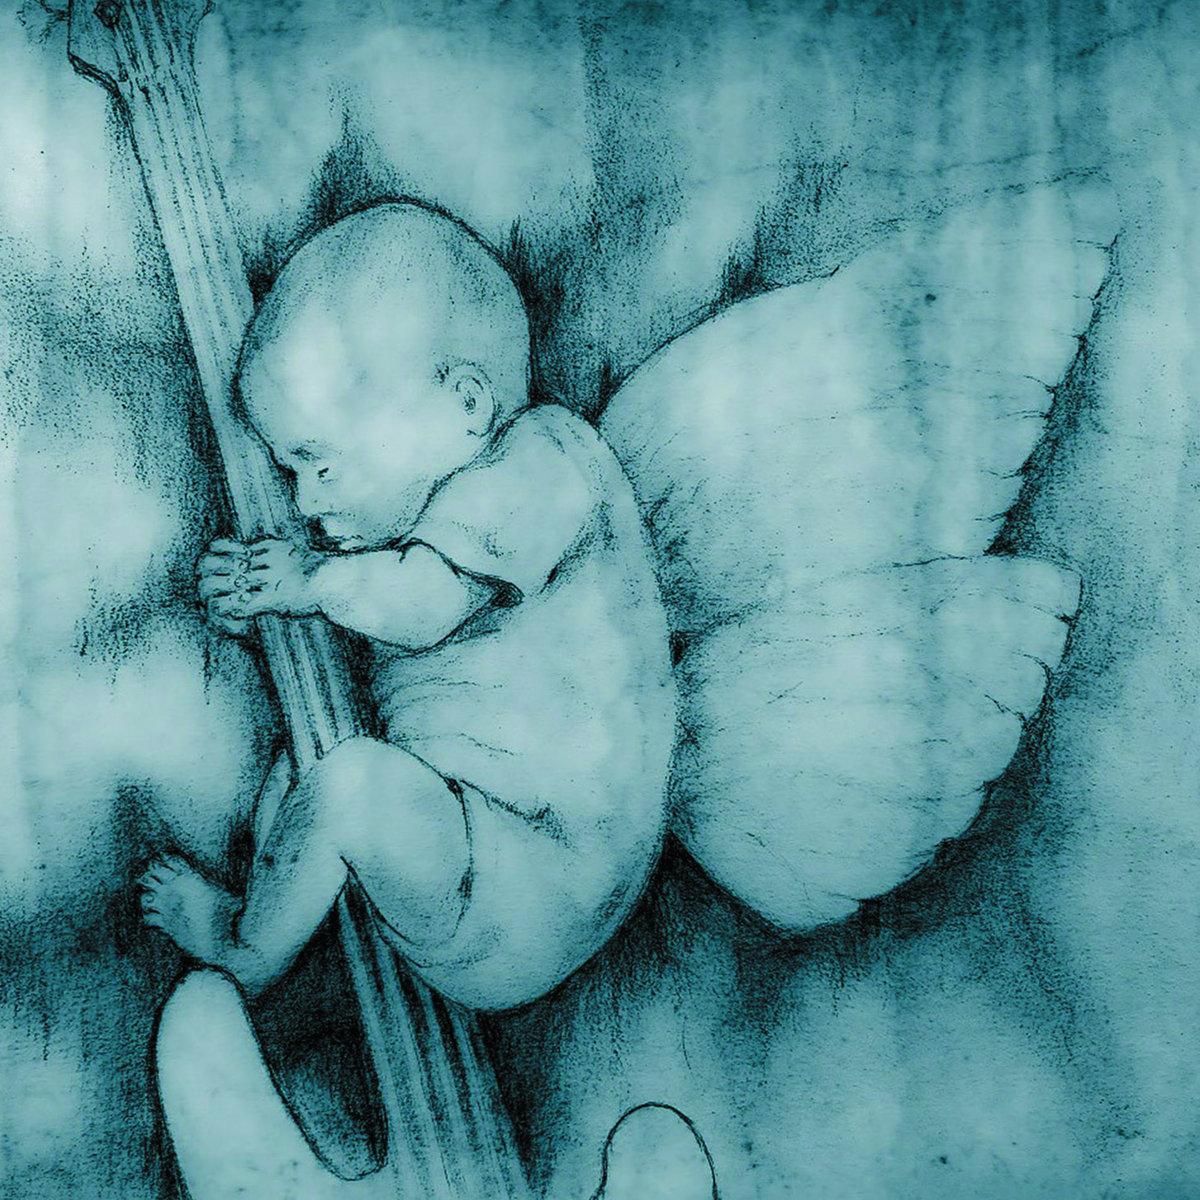 Turdetans: Suite of Dreams